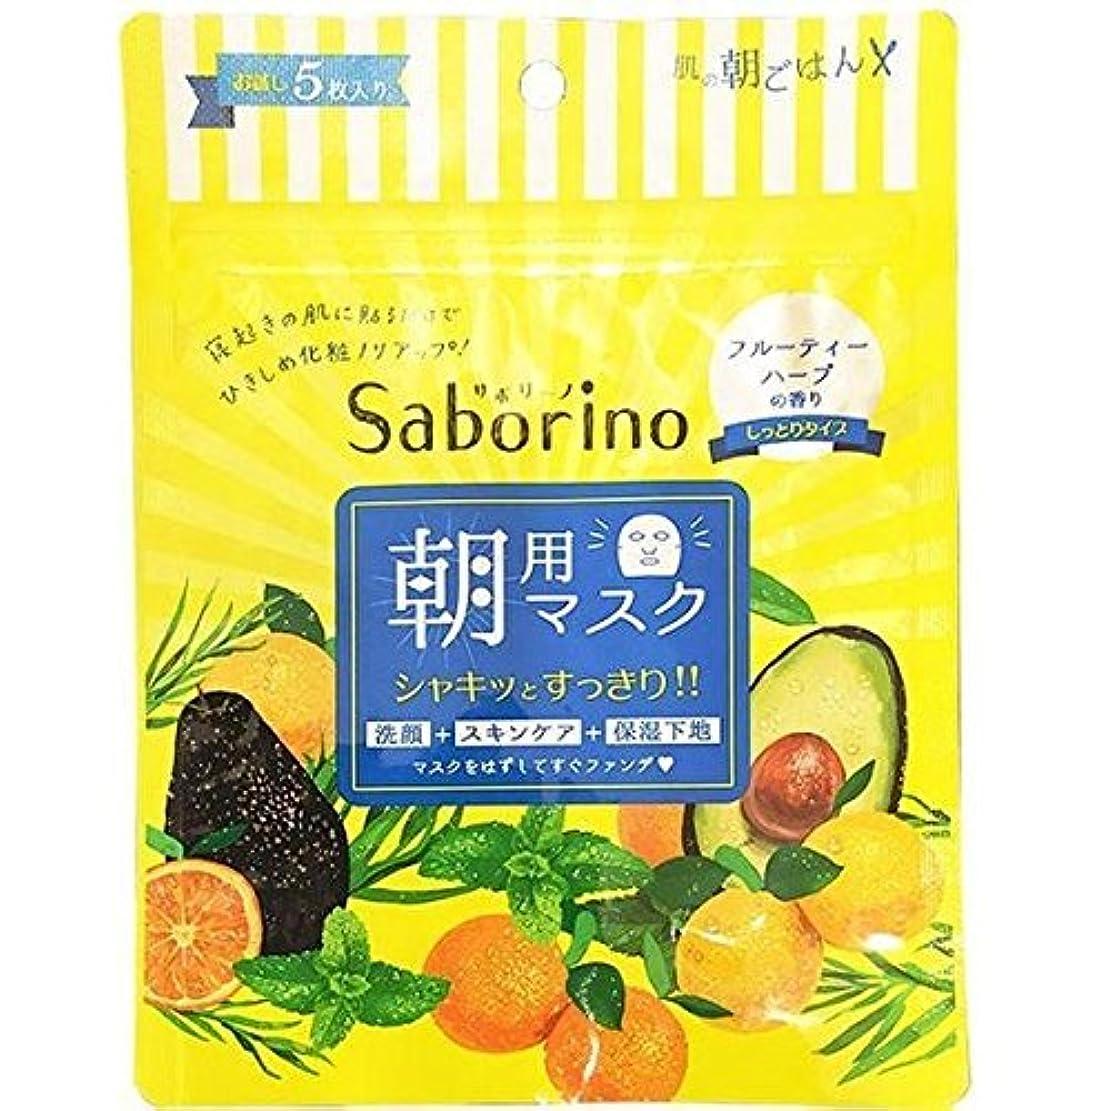 Saborino(サボリーノ)  目ざまシート(5枚入)